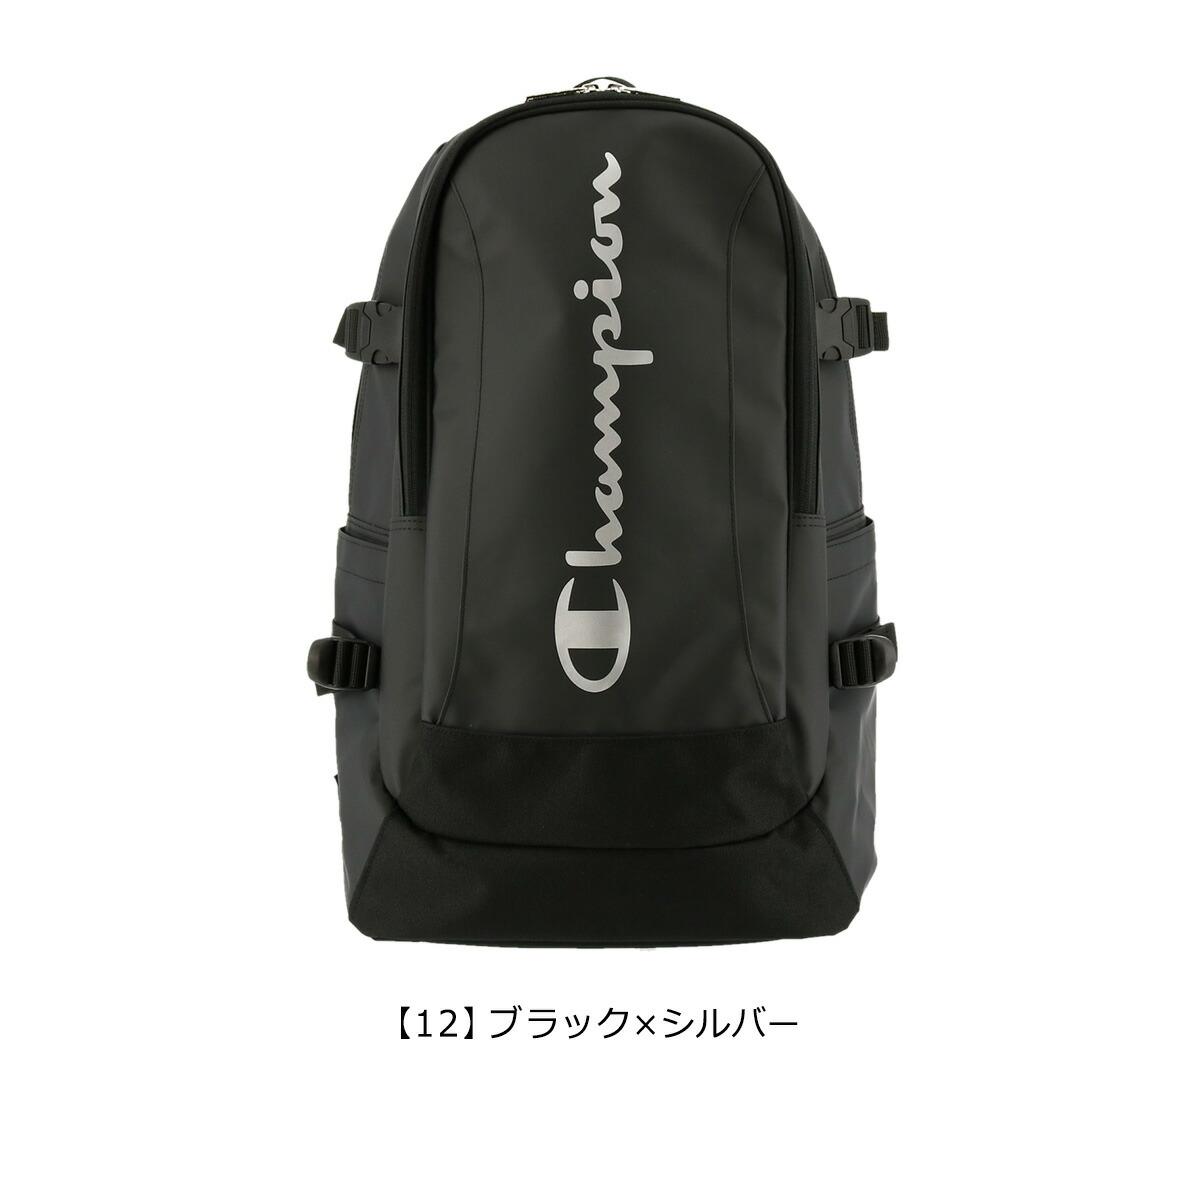 【12】ブラック×シルバー